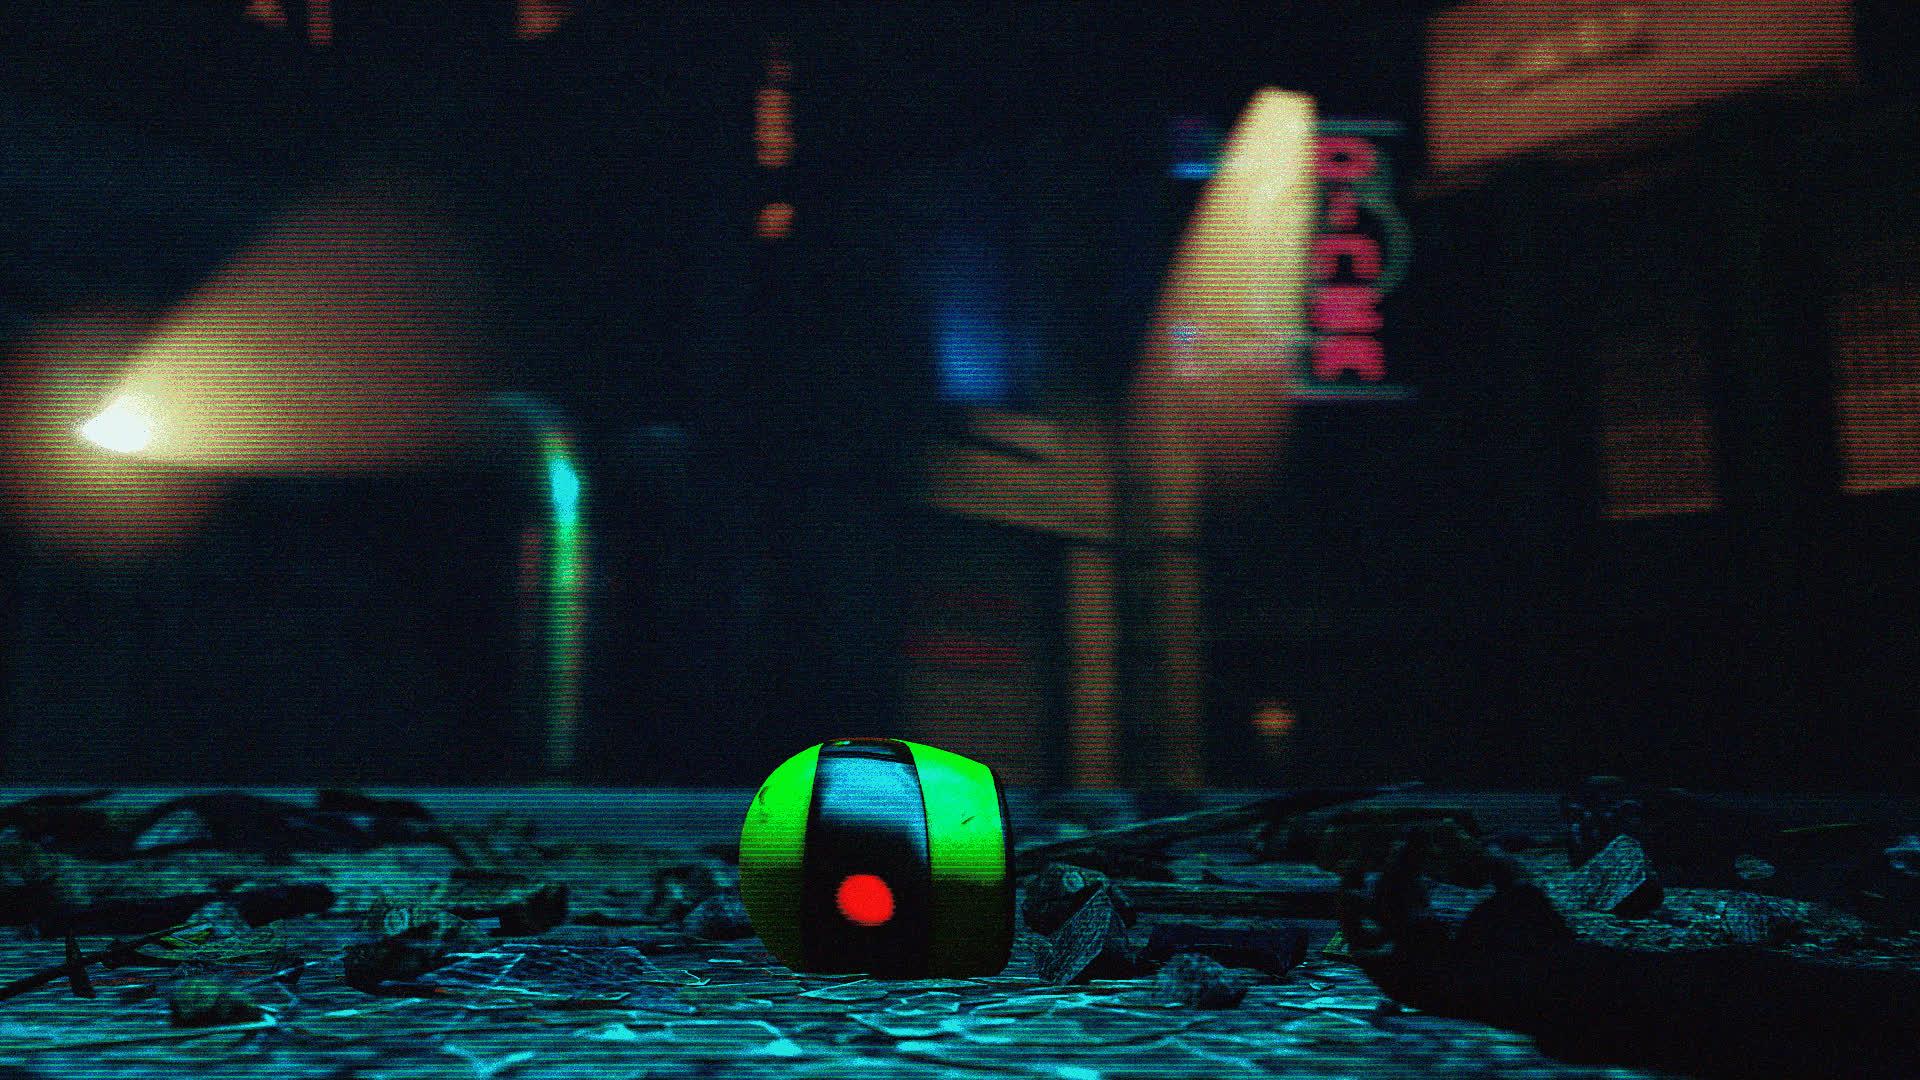 Protomen, protomen, Breaker's Last Stop GIFs